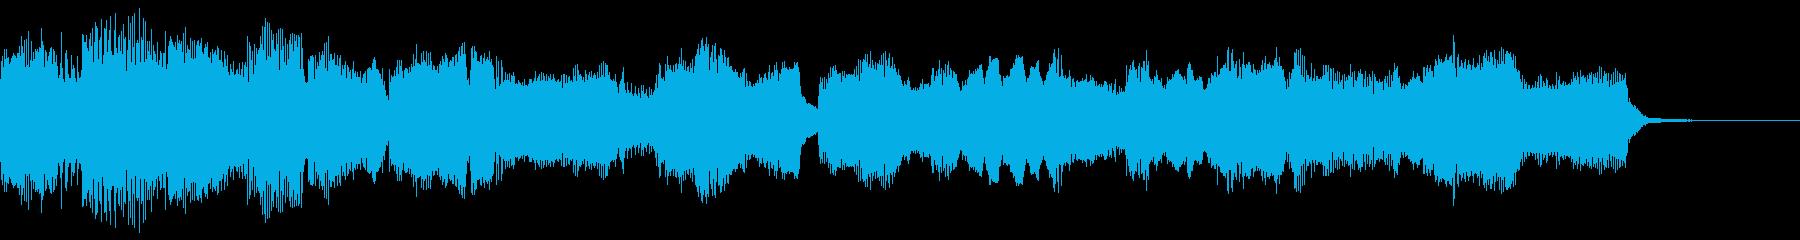 もろびとこぞりて~パイプオルガン~の再生済みの波形